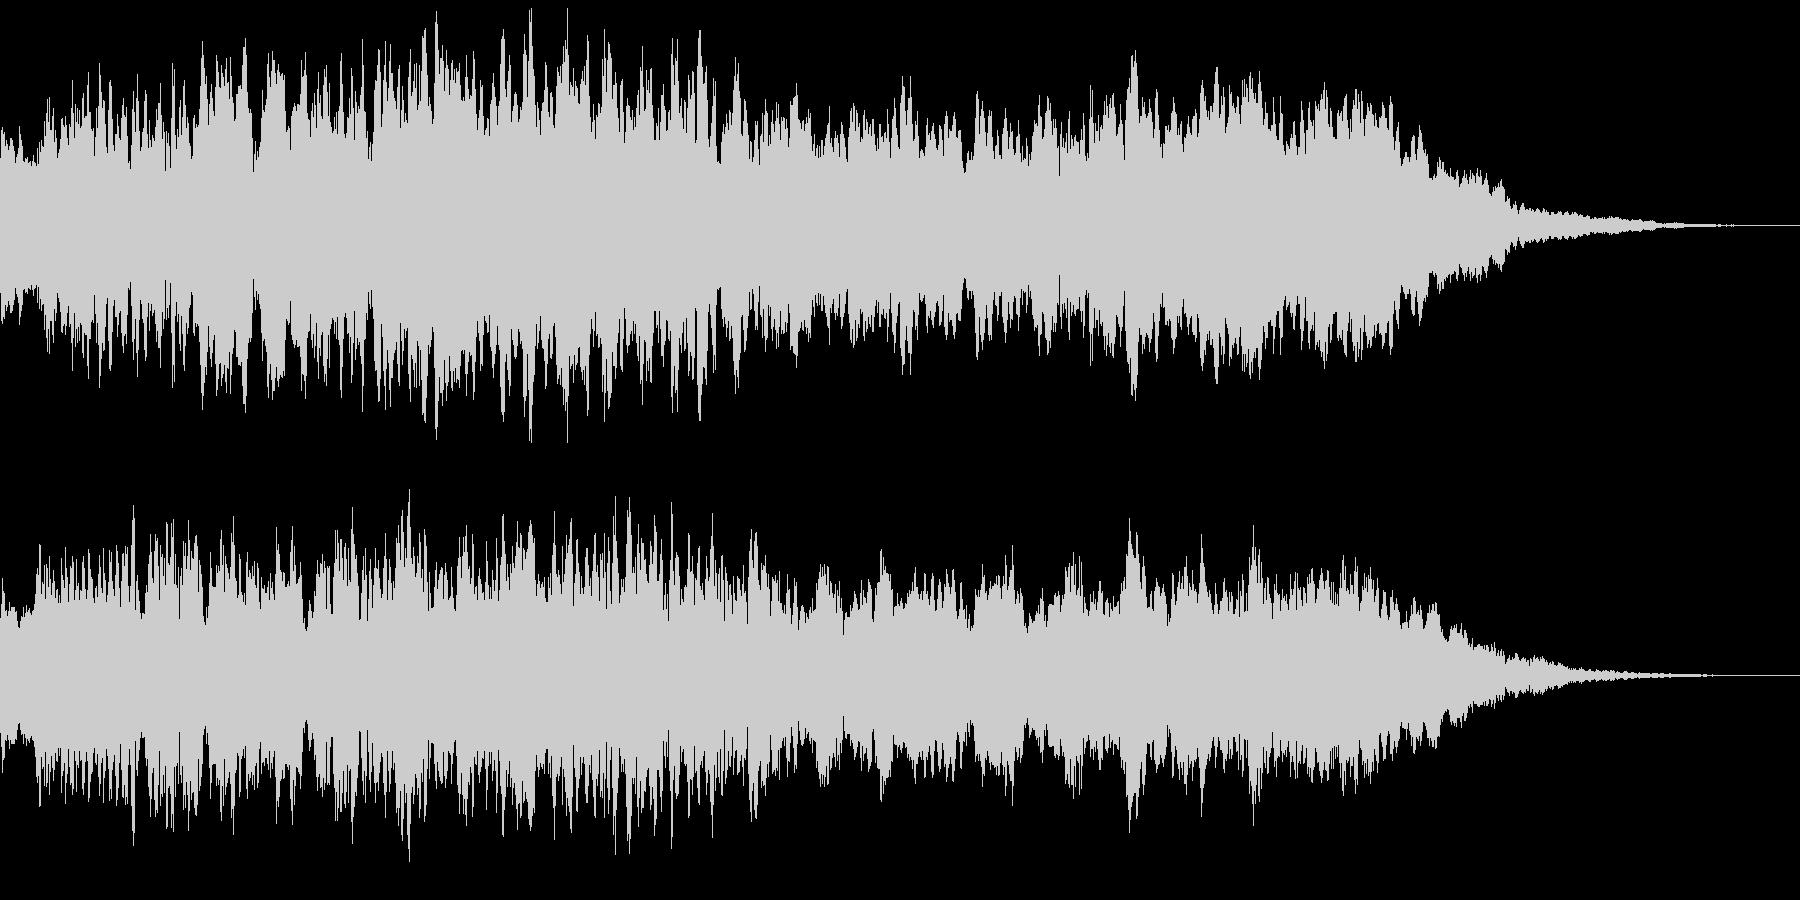 感動表現、CM,ブライダル、ショートBの未再生の波形